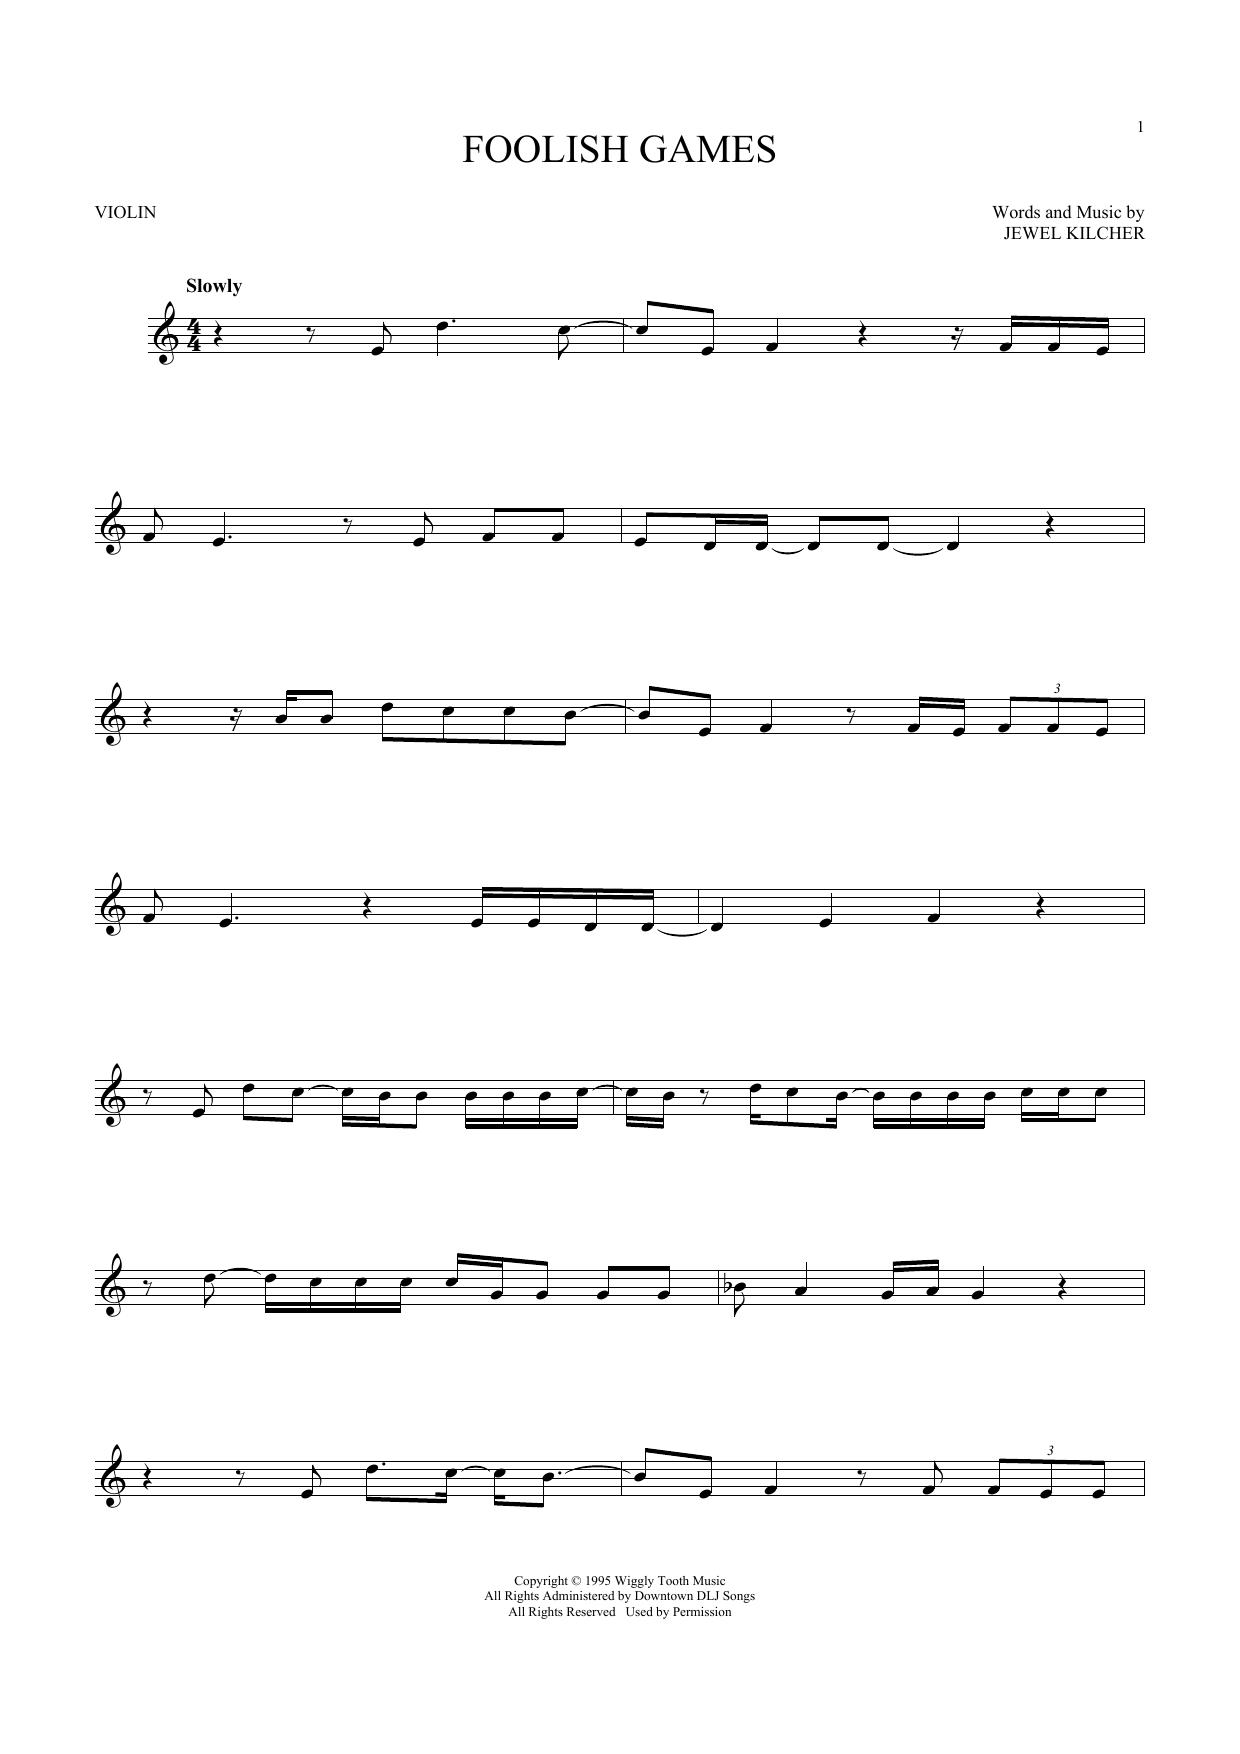 Foolish Games (Violin Solo)